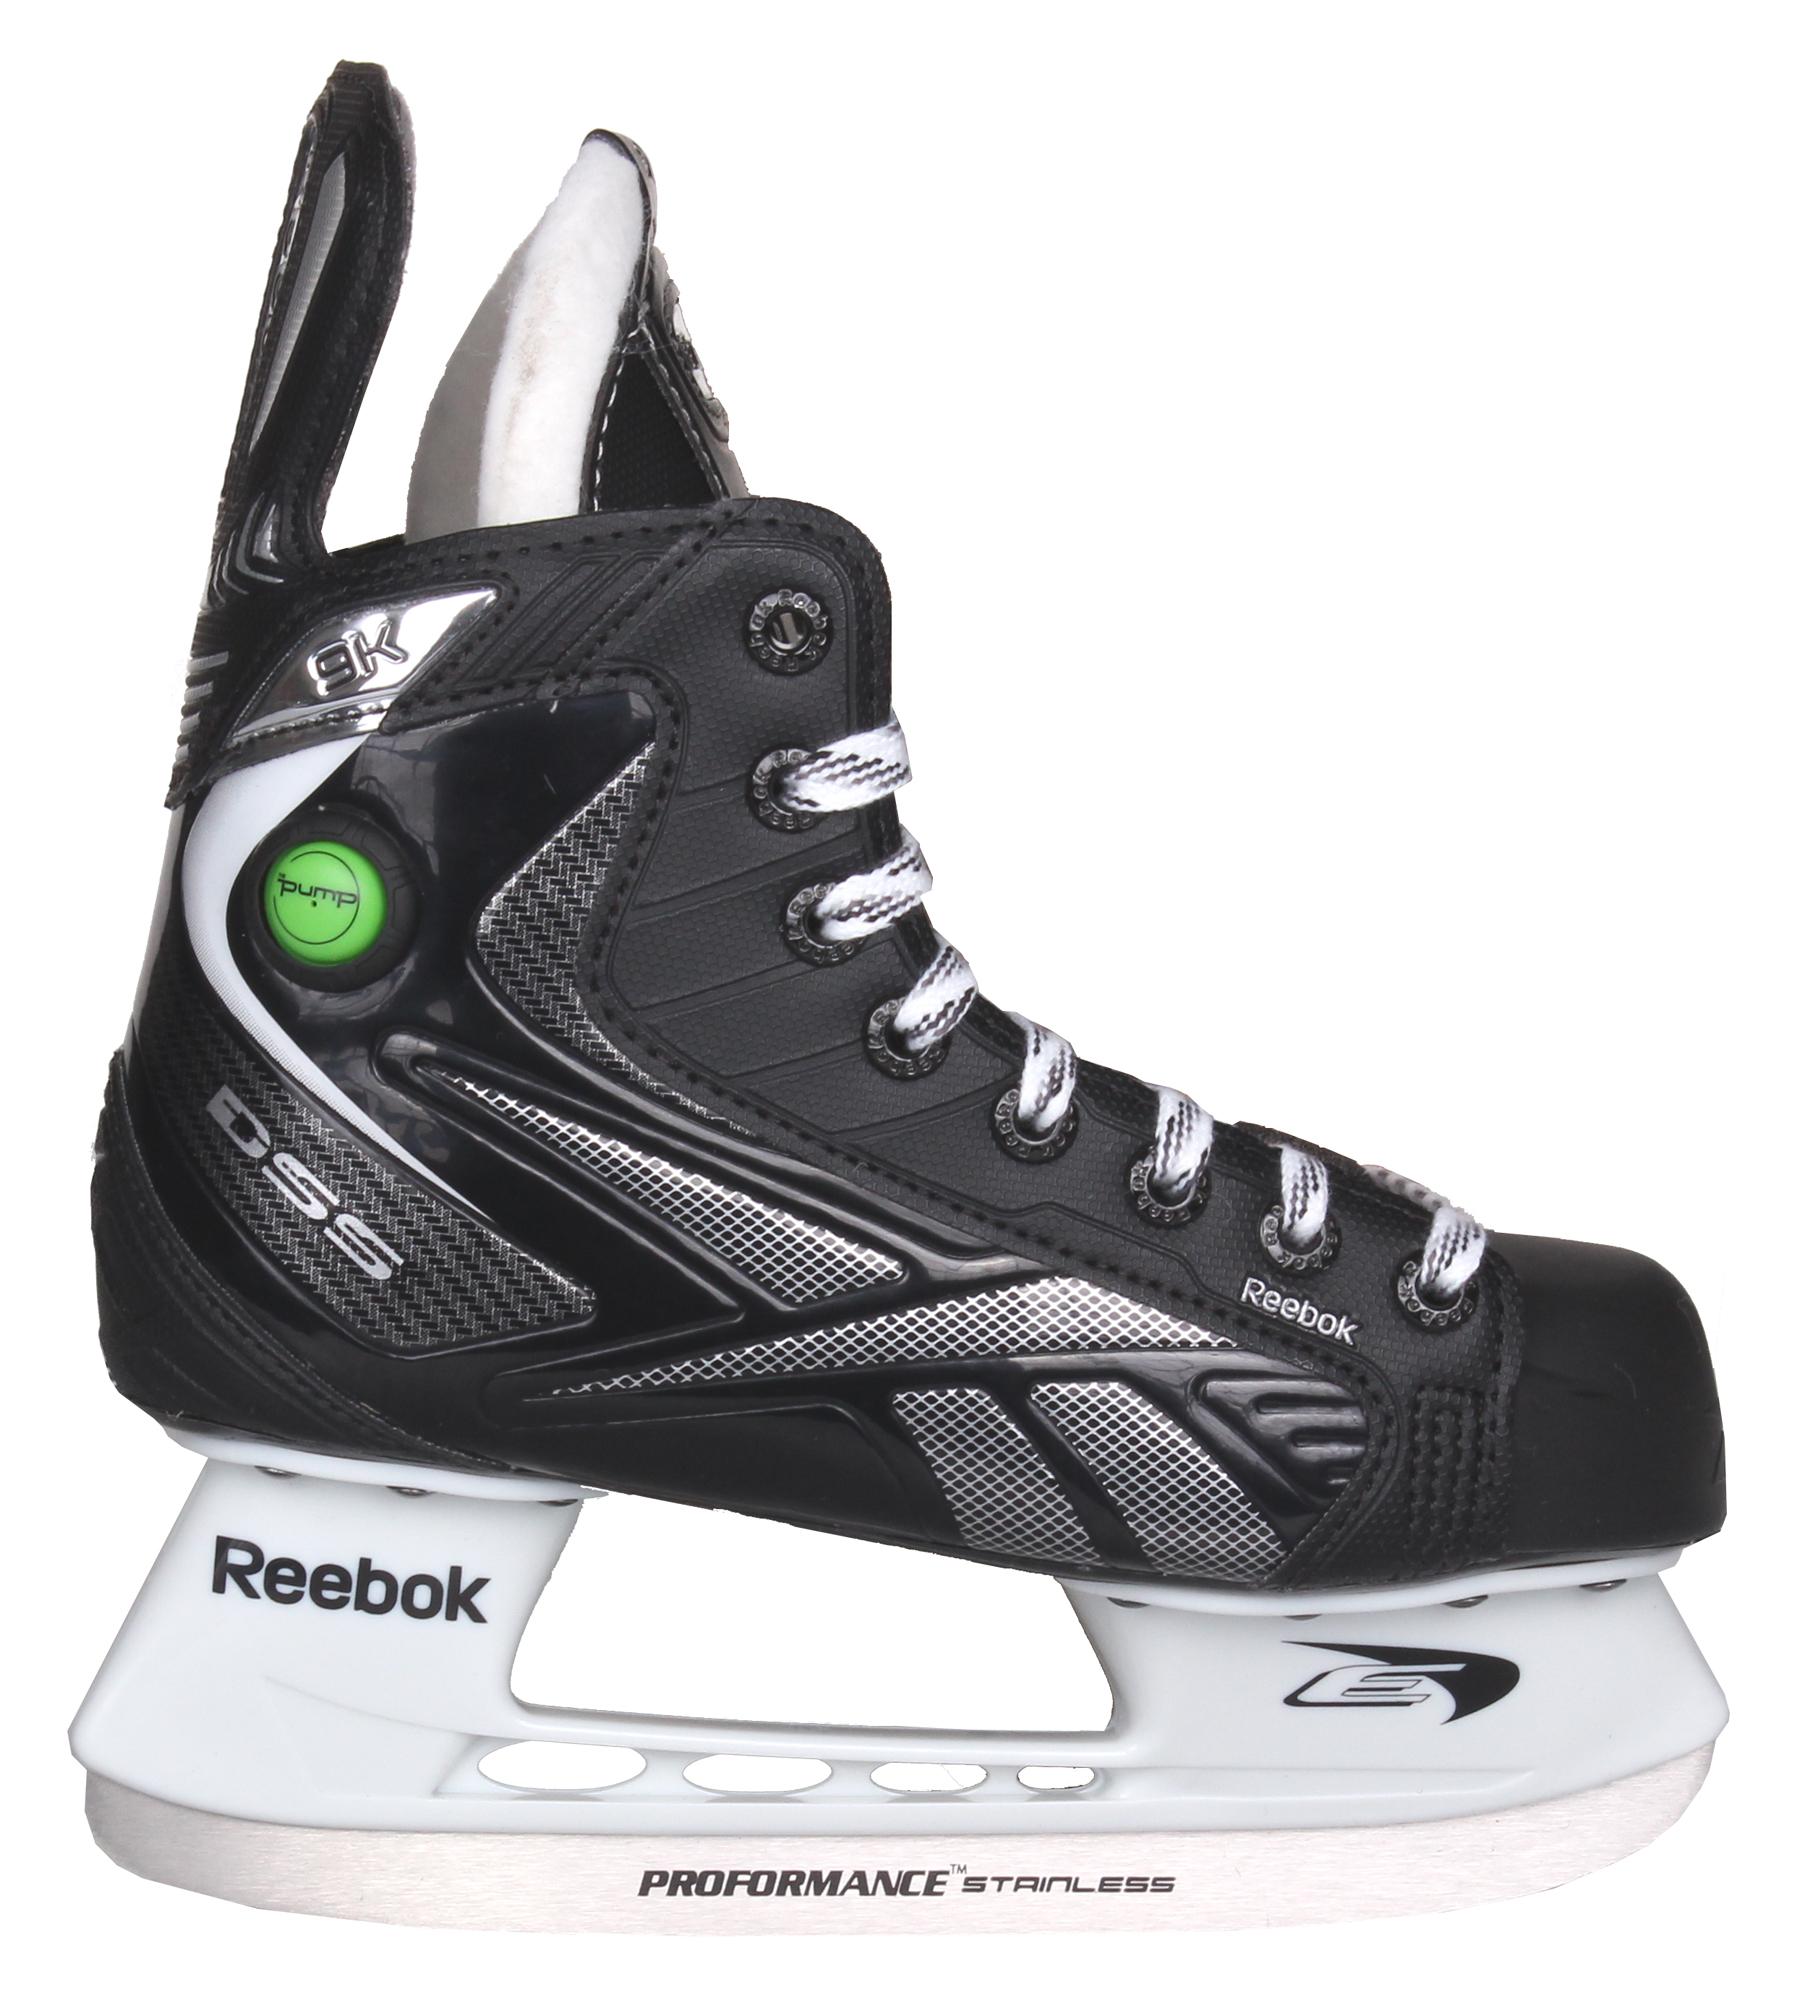 REEBOK RBK 9K Pump, JR hokejové brusle, šíře D